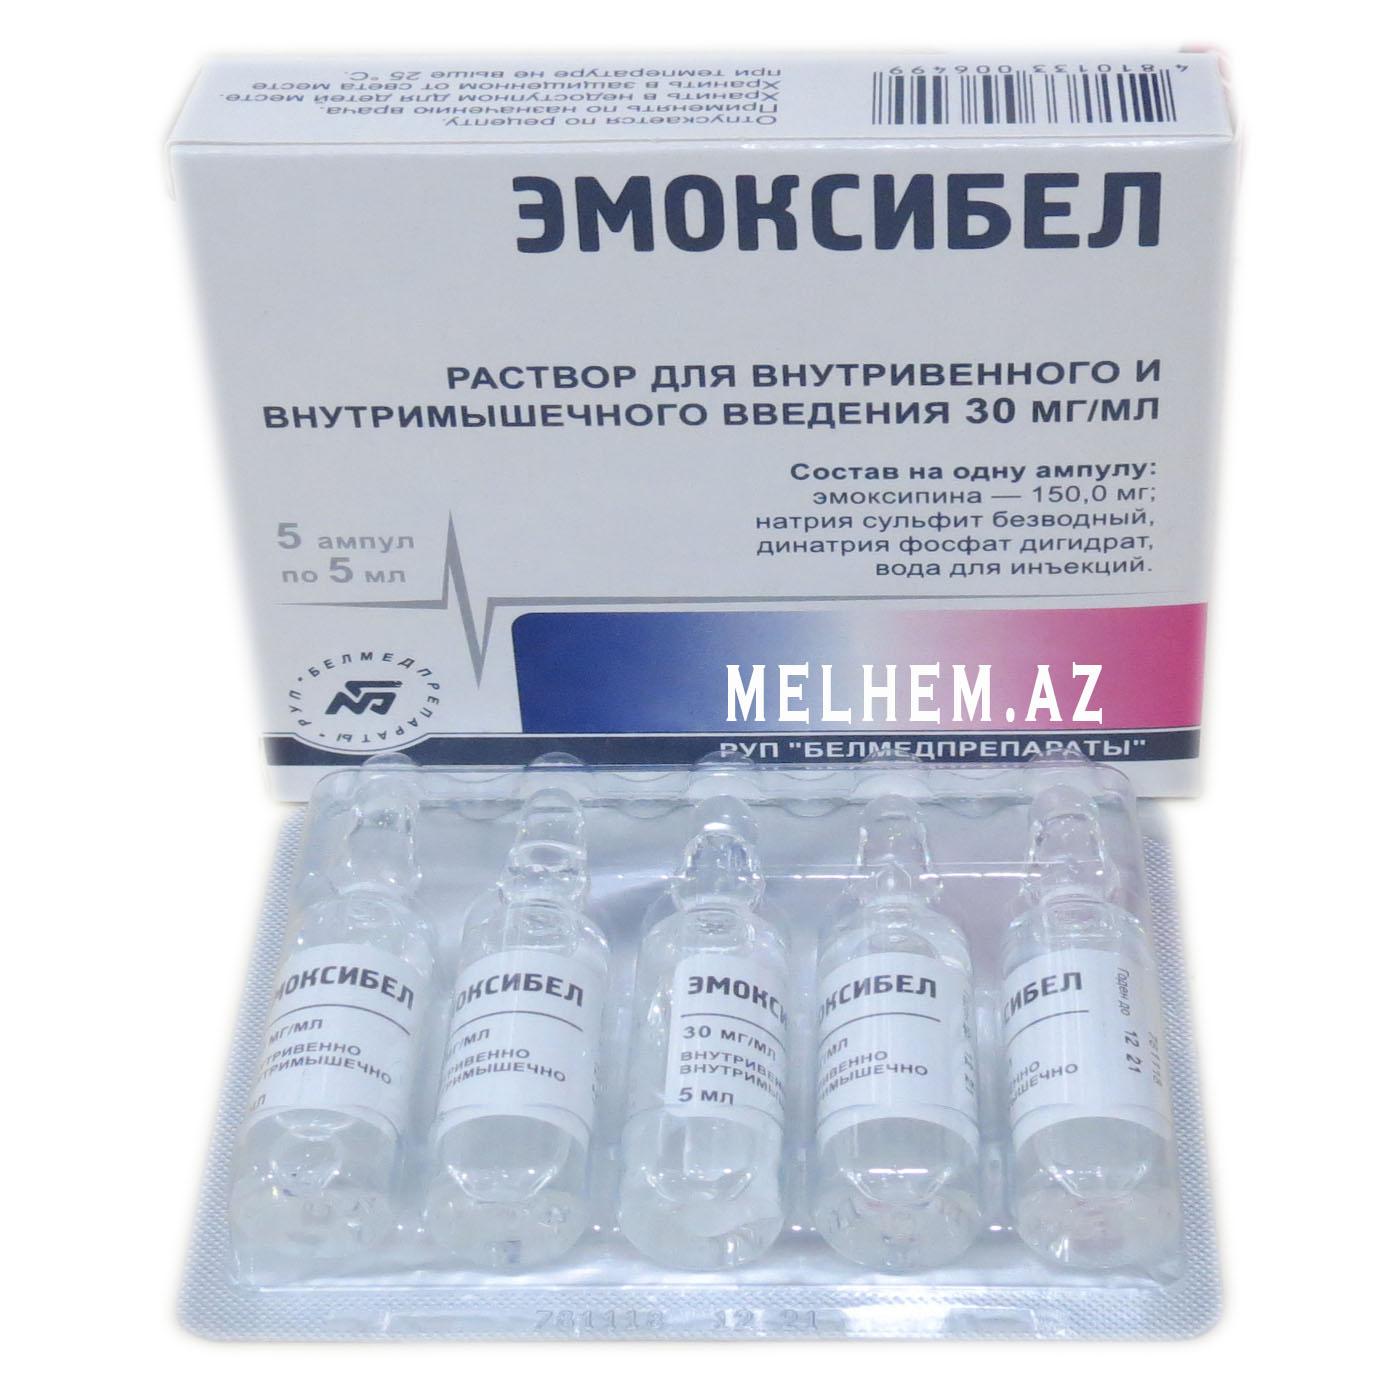 EMOKSİBEL